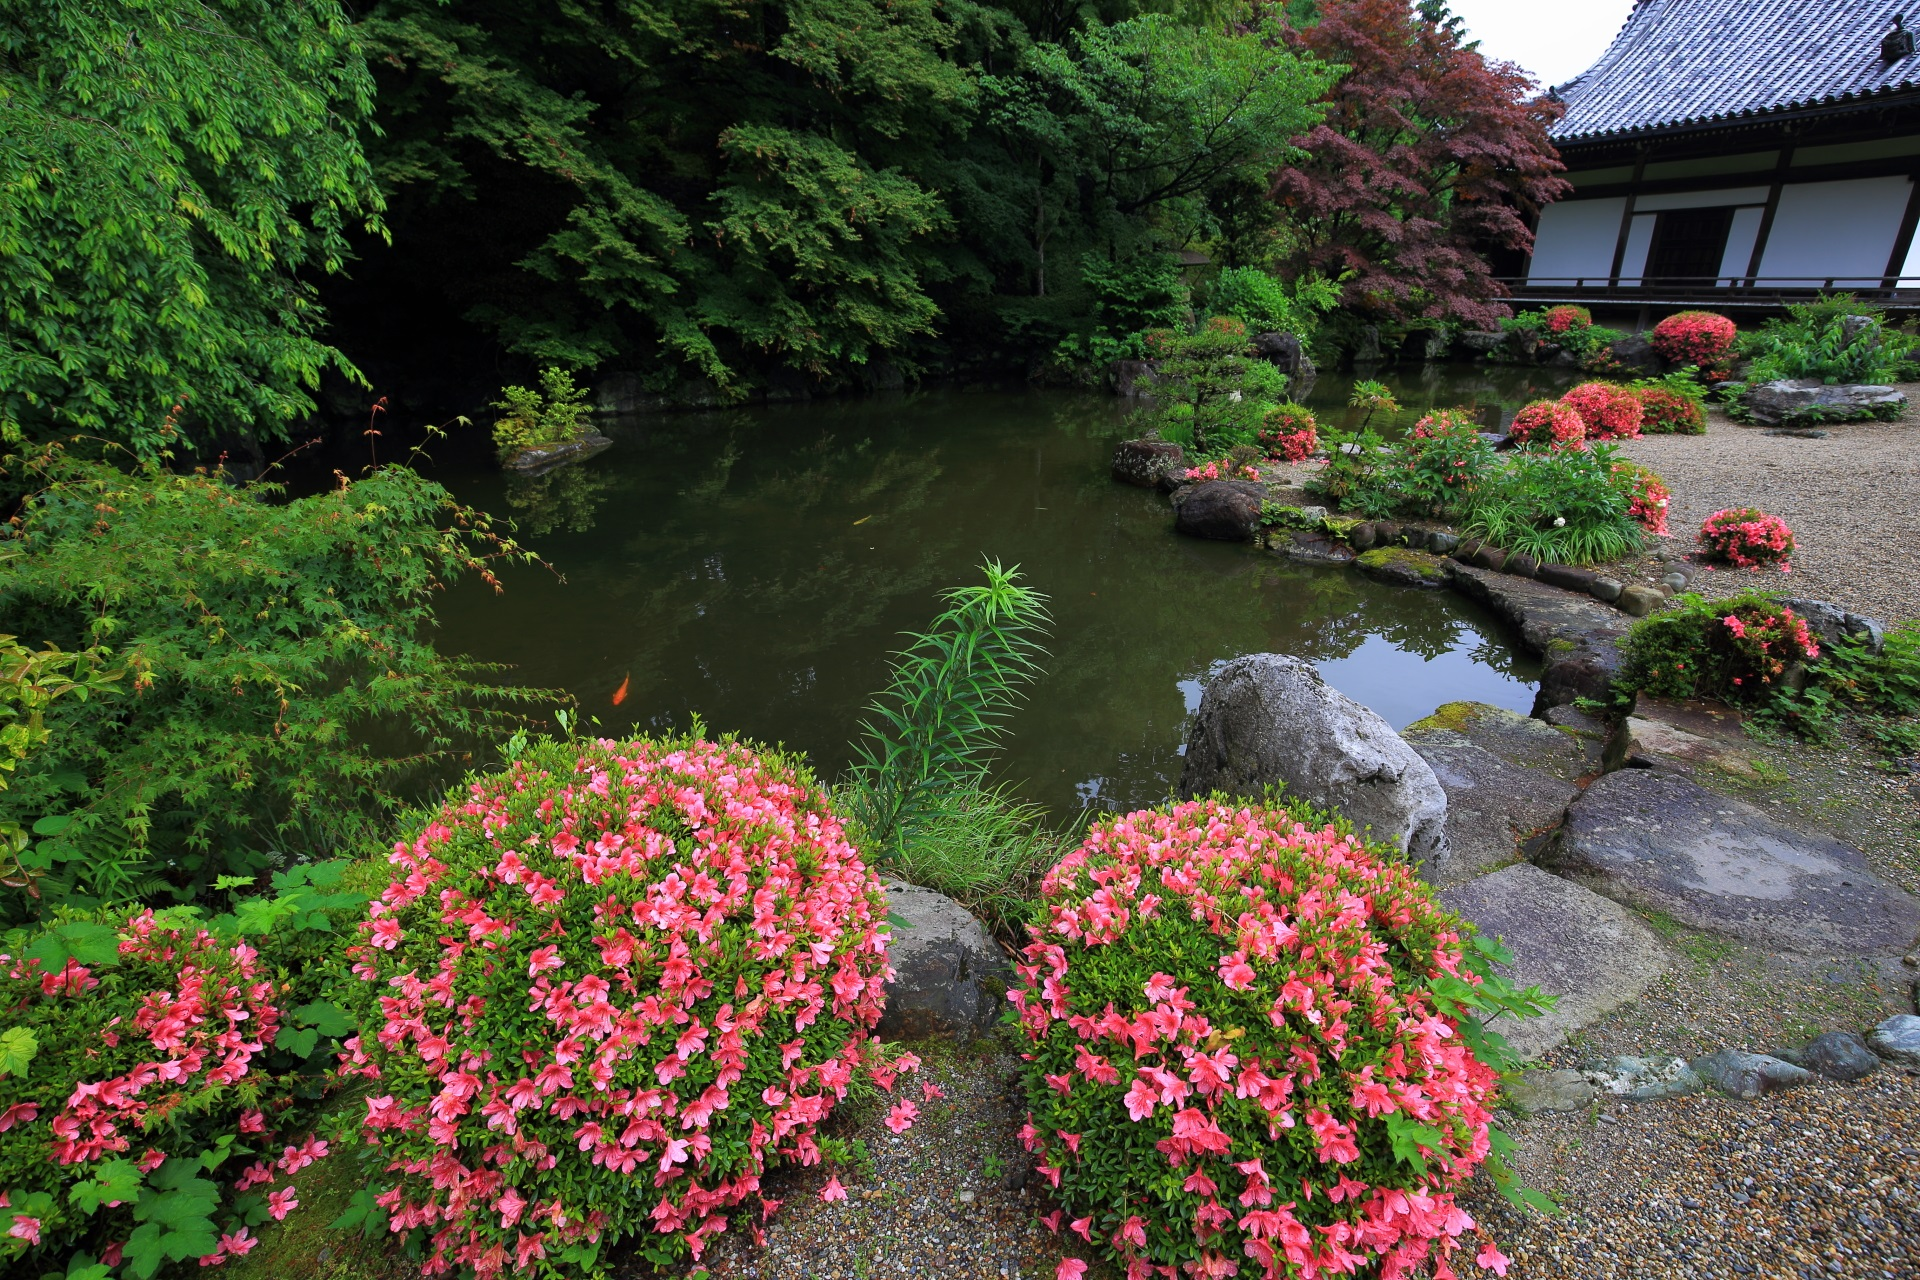 蓮華寿院旧跡庭の緑の中で映える華やかなサツキ